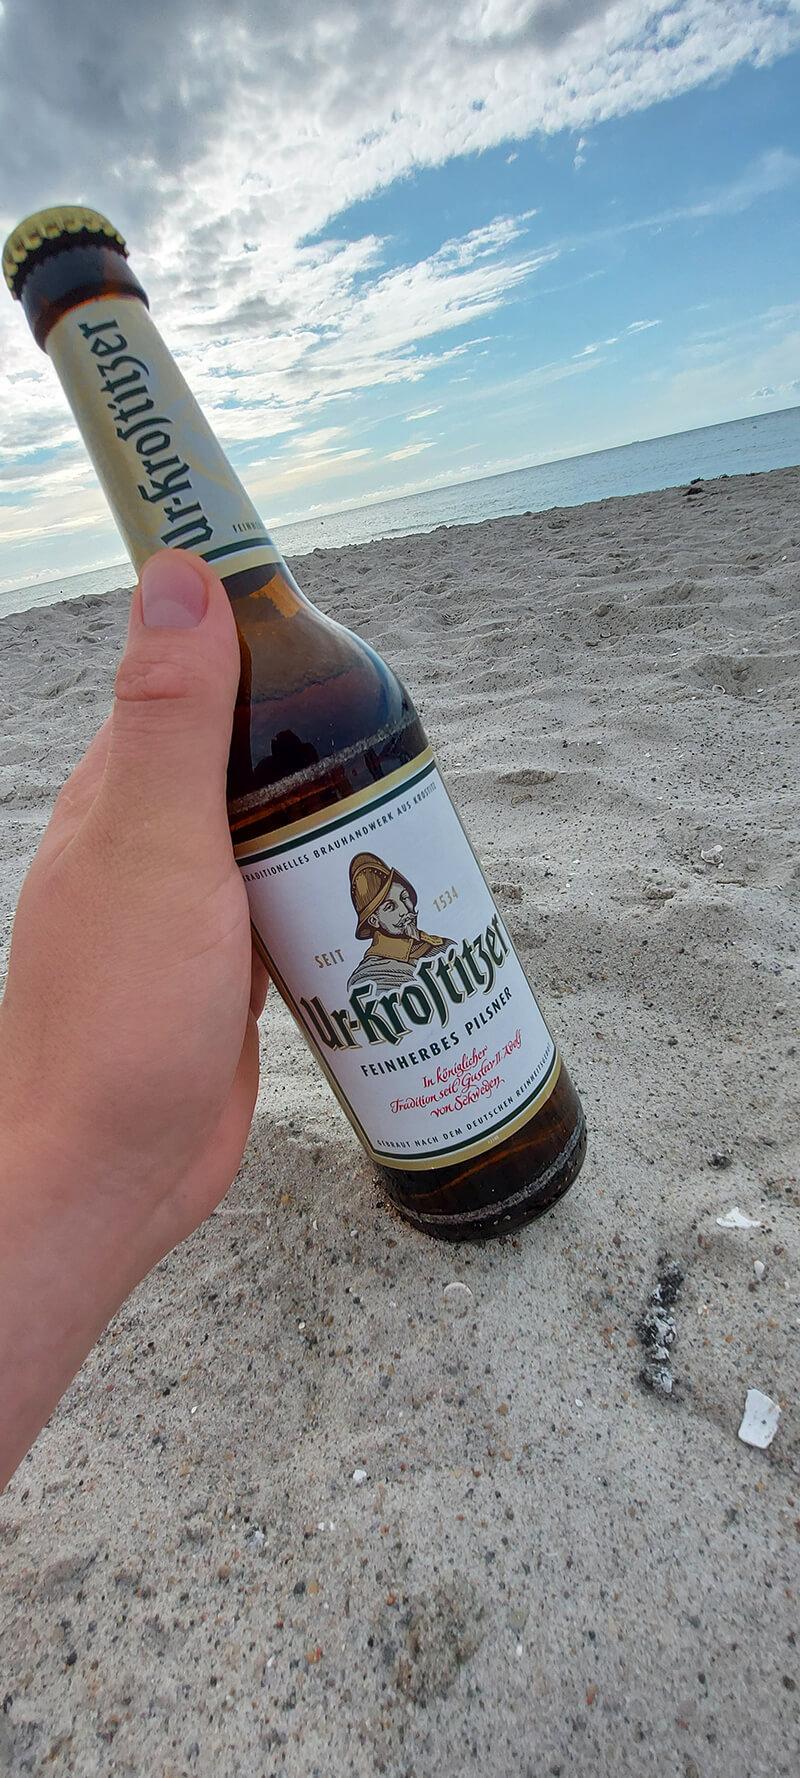 Ostsee. Sommer, Sonne, Strand und Urkrostitzer. – Philipp